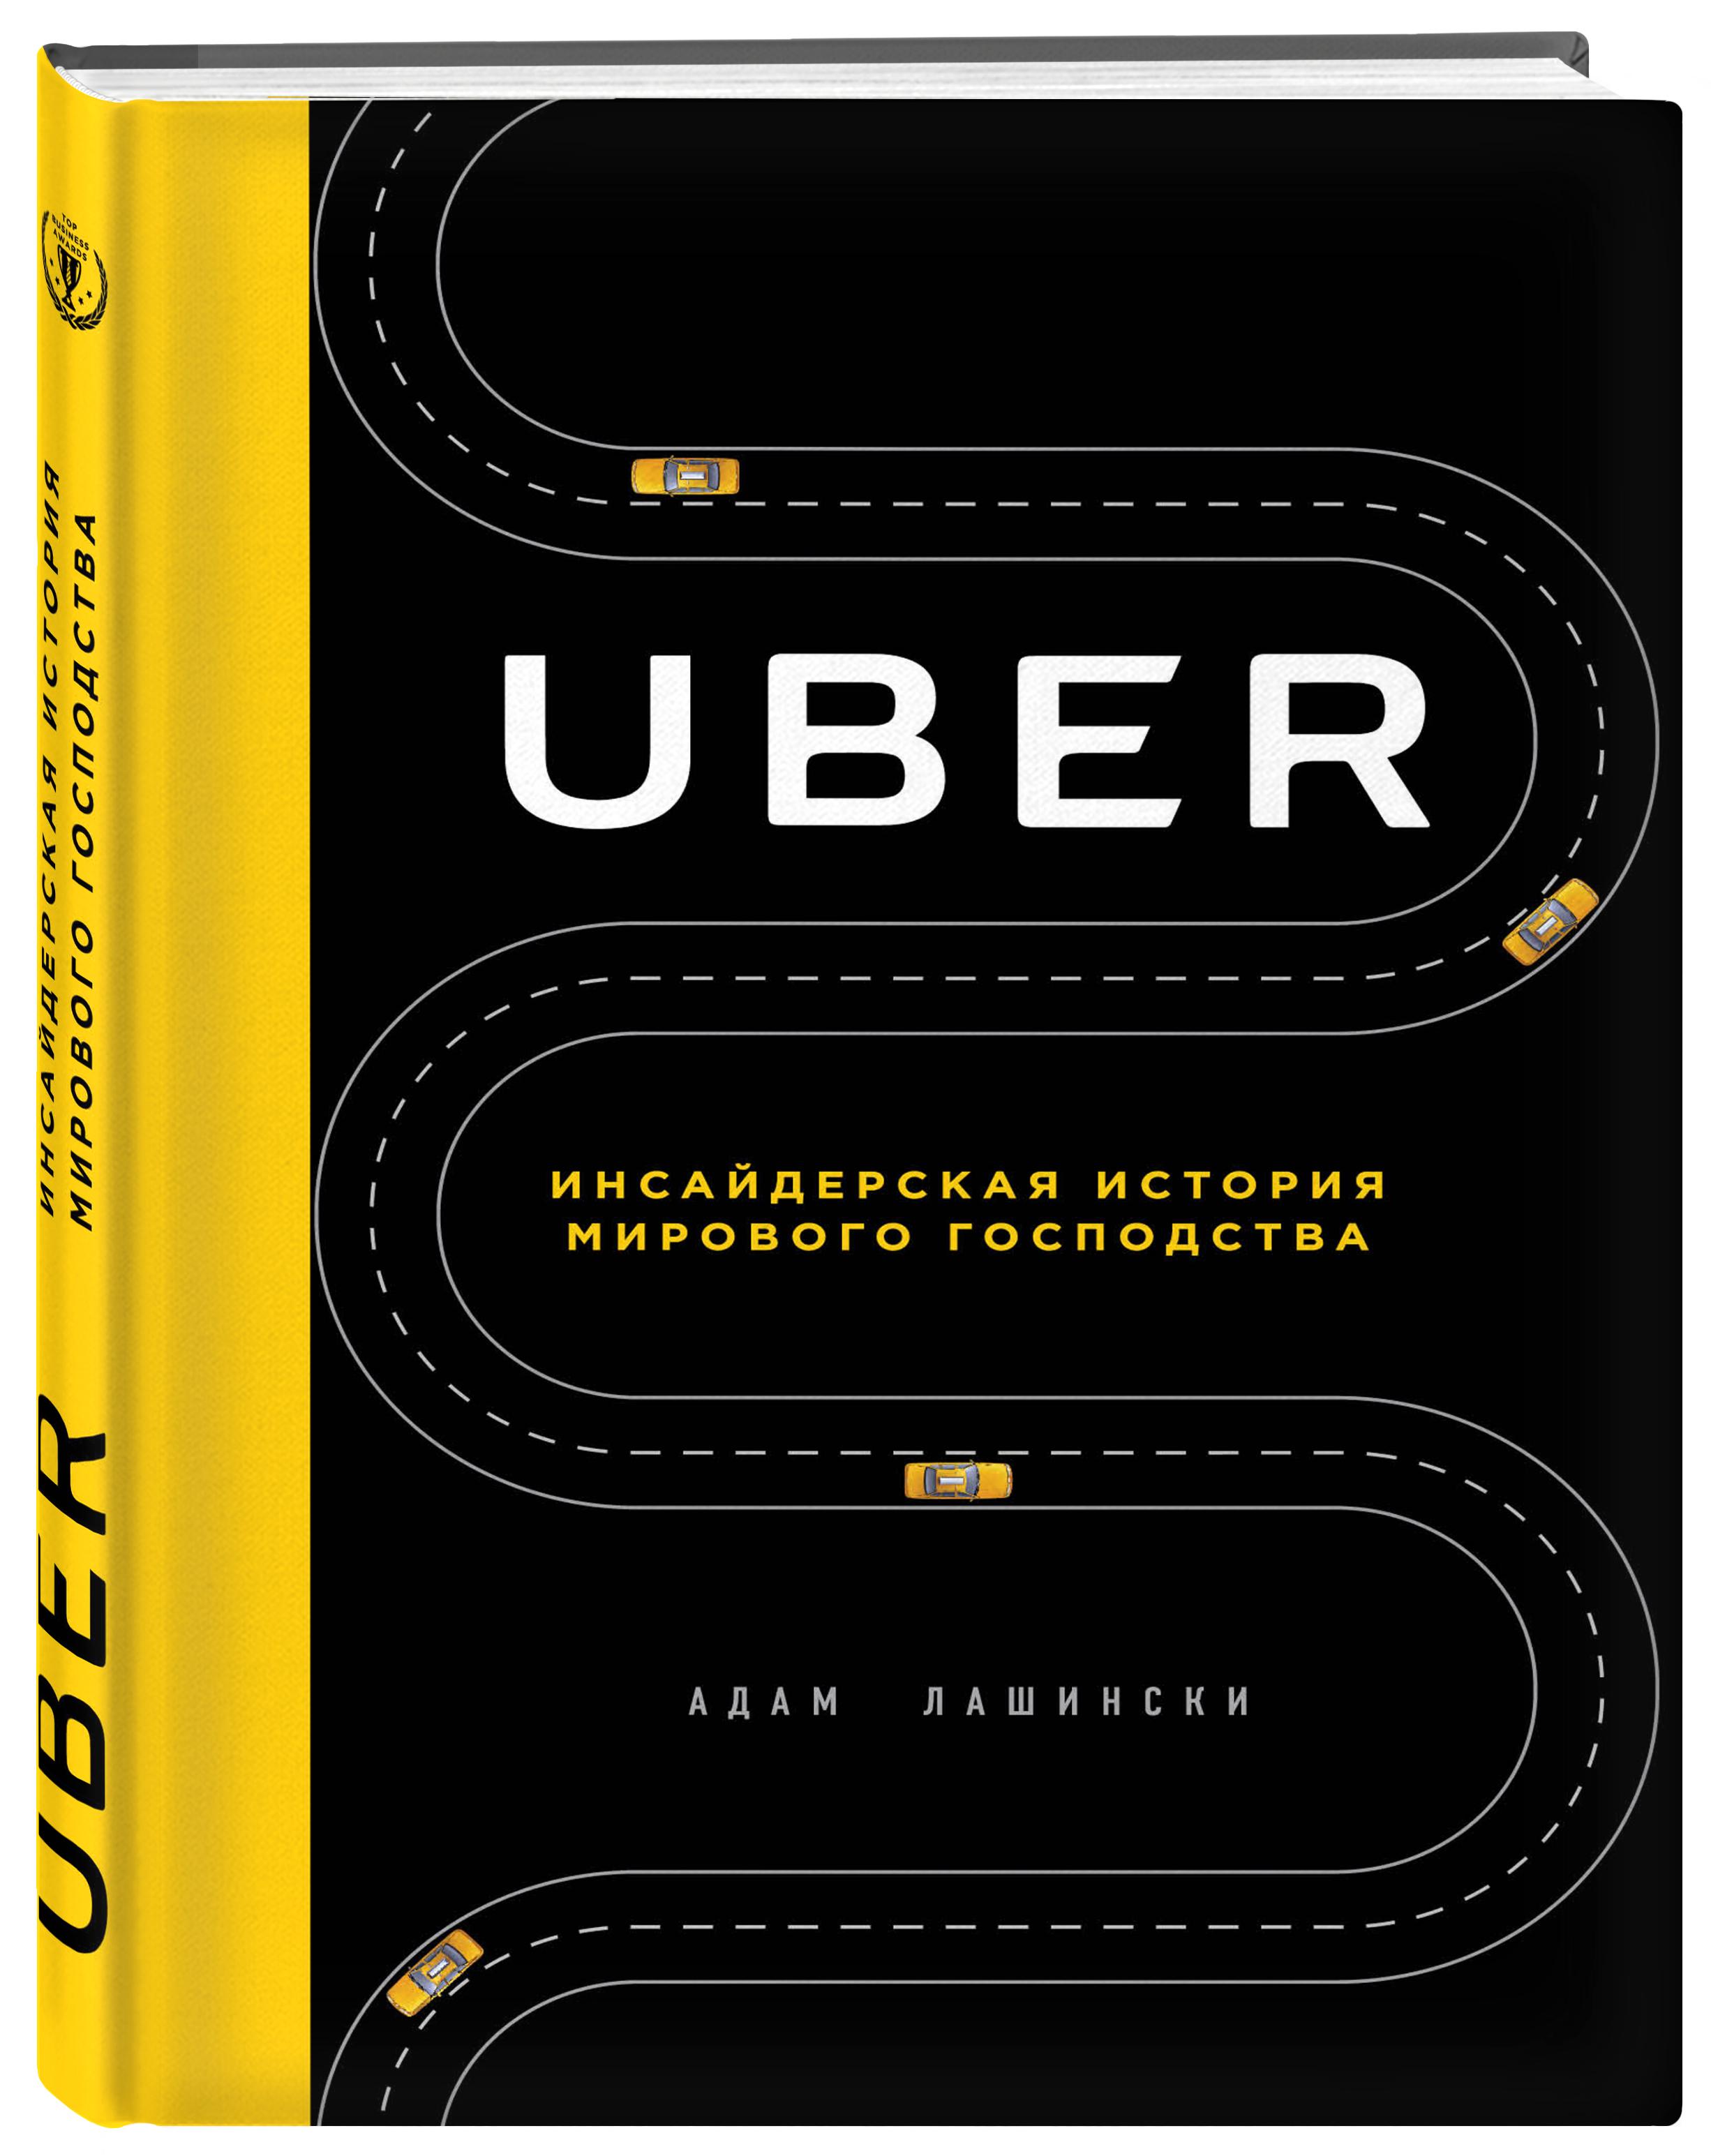 Адам Лашински Uber. Инсайдерская история мирового господства все цены